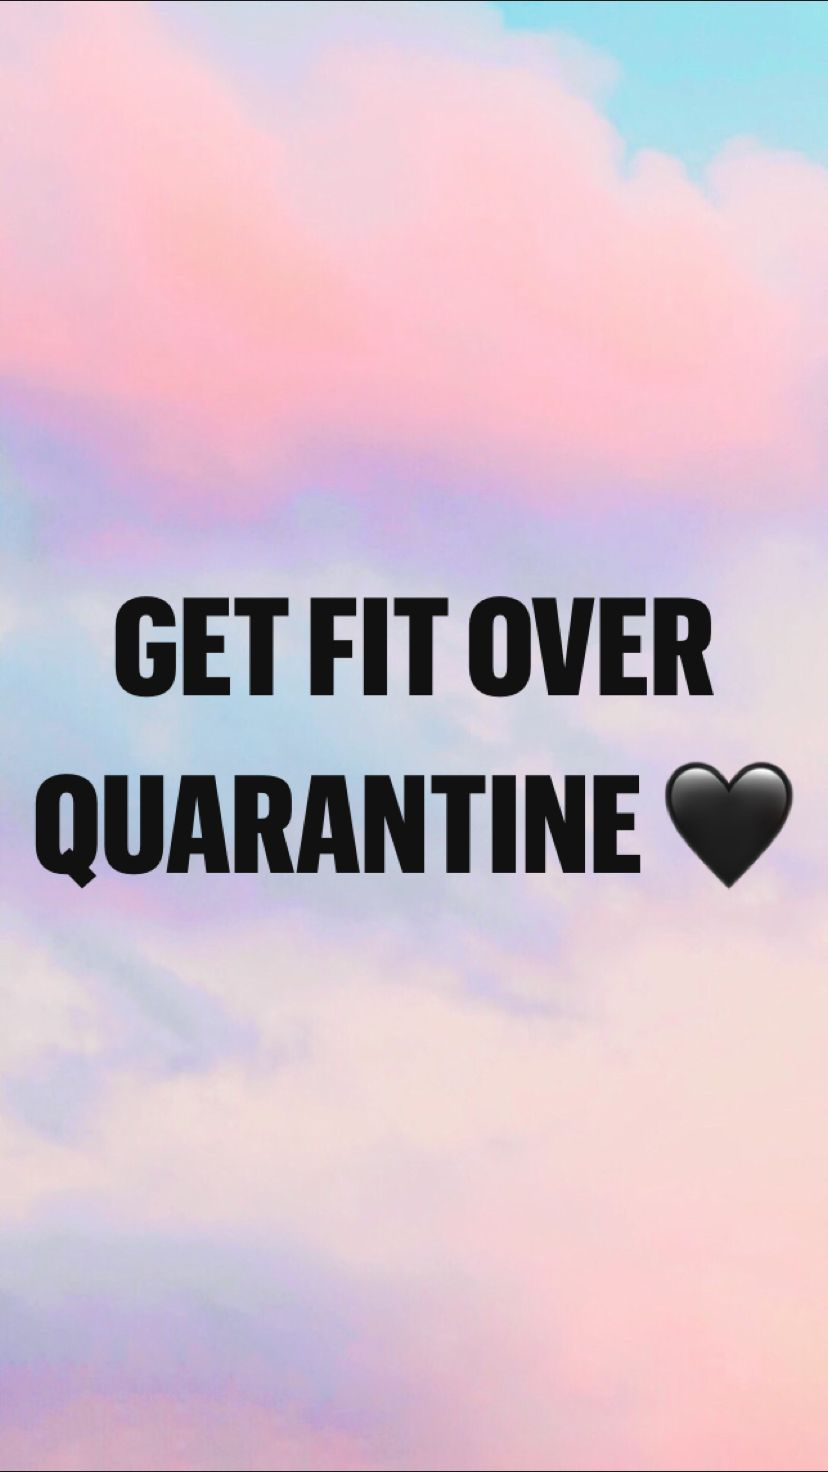 GET FIT OVER QUARANTINE 🖤